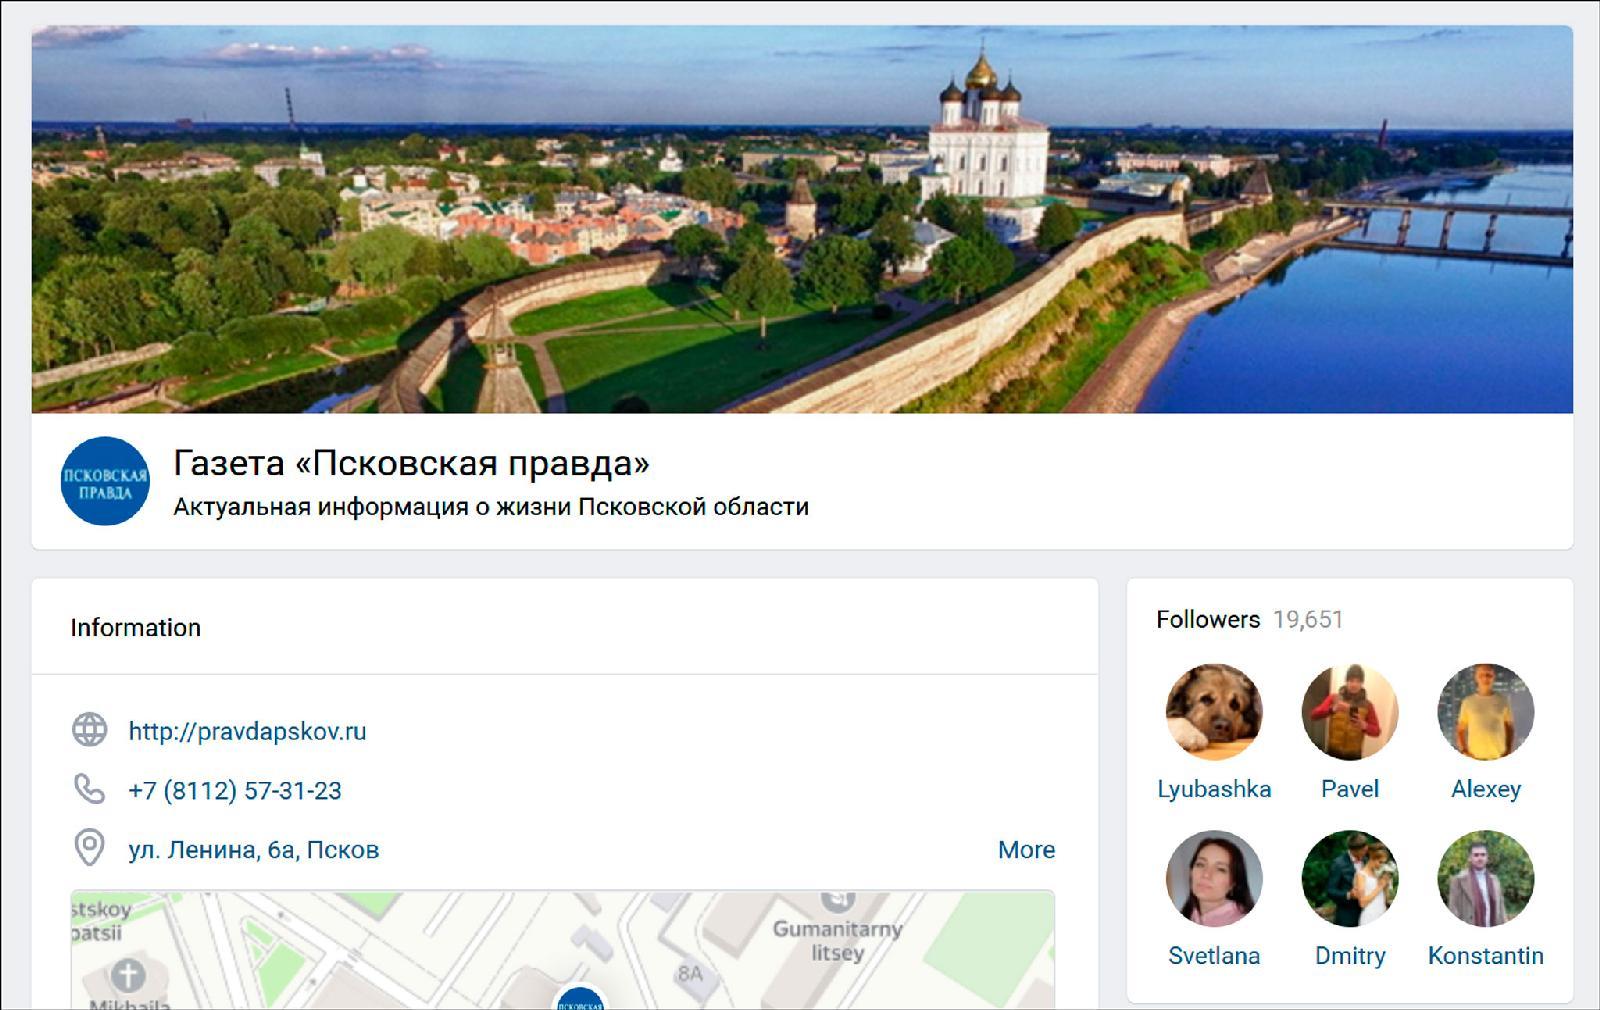 Группа «Псковской правды» во «ВКонтакте» — крупнейшая среди изданий медиахолдинга «Издательский дом «Медиа 60»: в ней почти 20 тысяч подписчиков